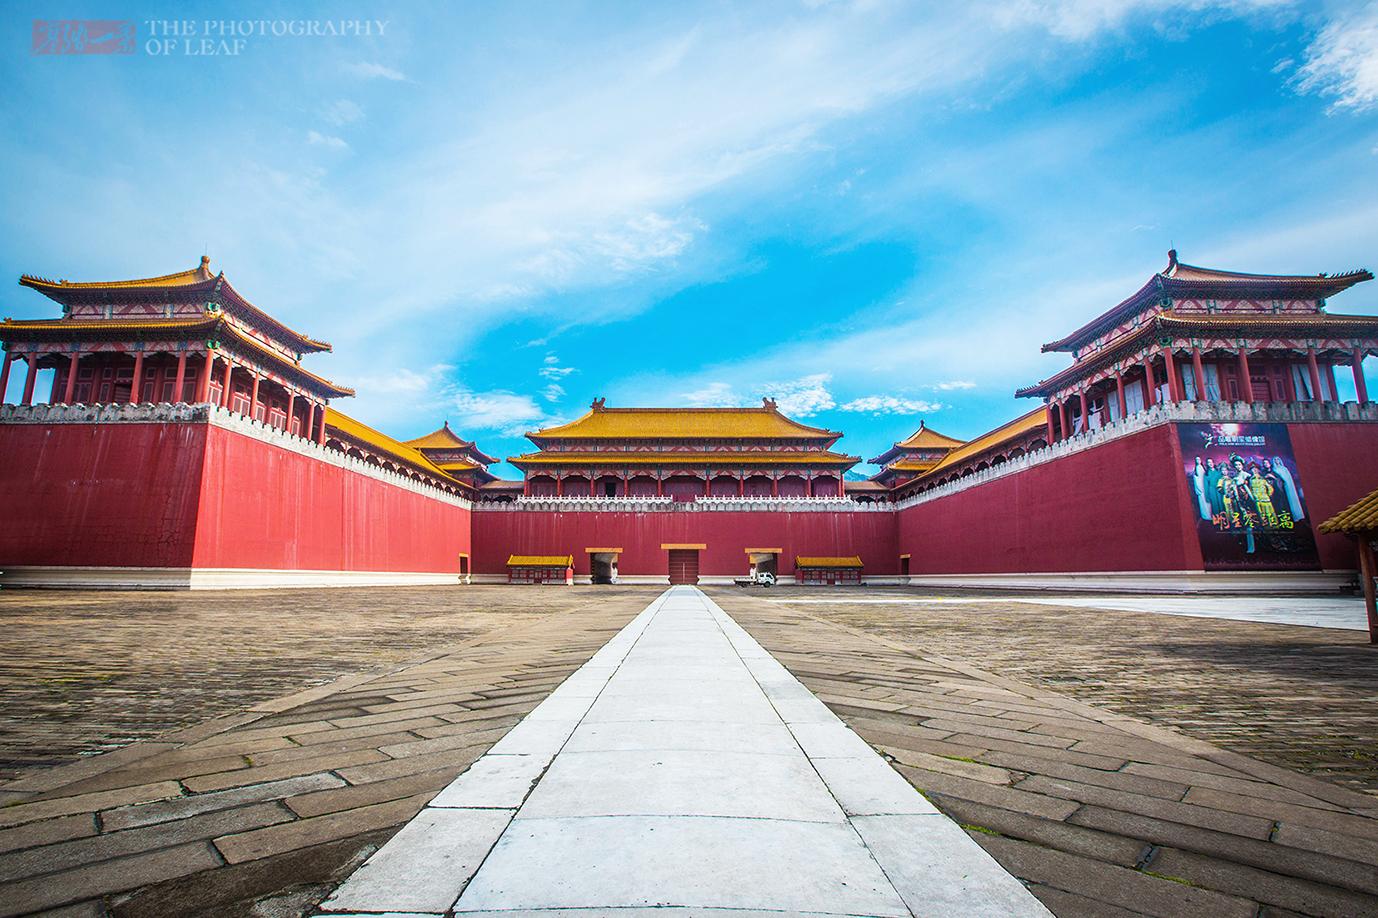 看了这么多年宫廷剧,原来不是北京故宫拍的,而是在这个 故宫图片